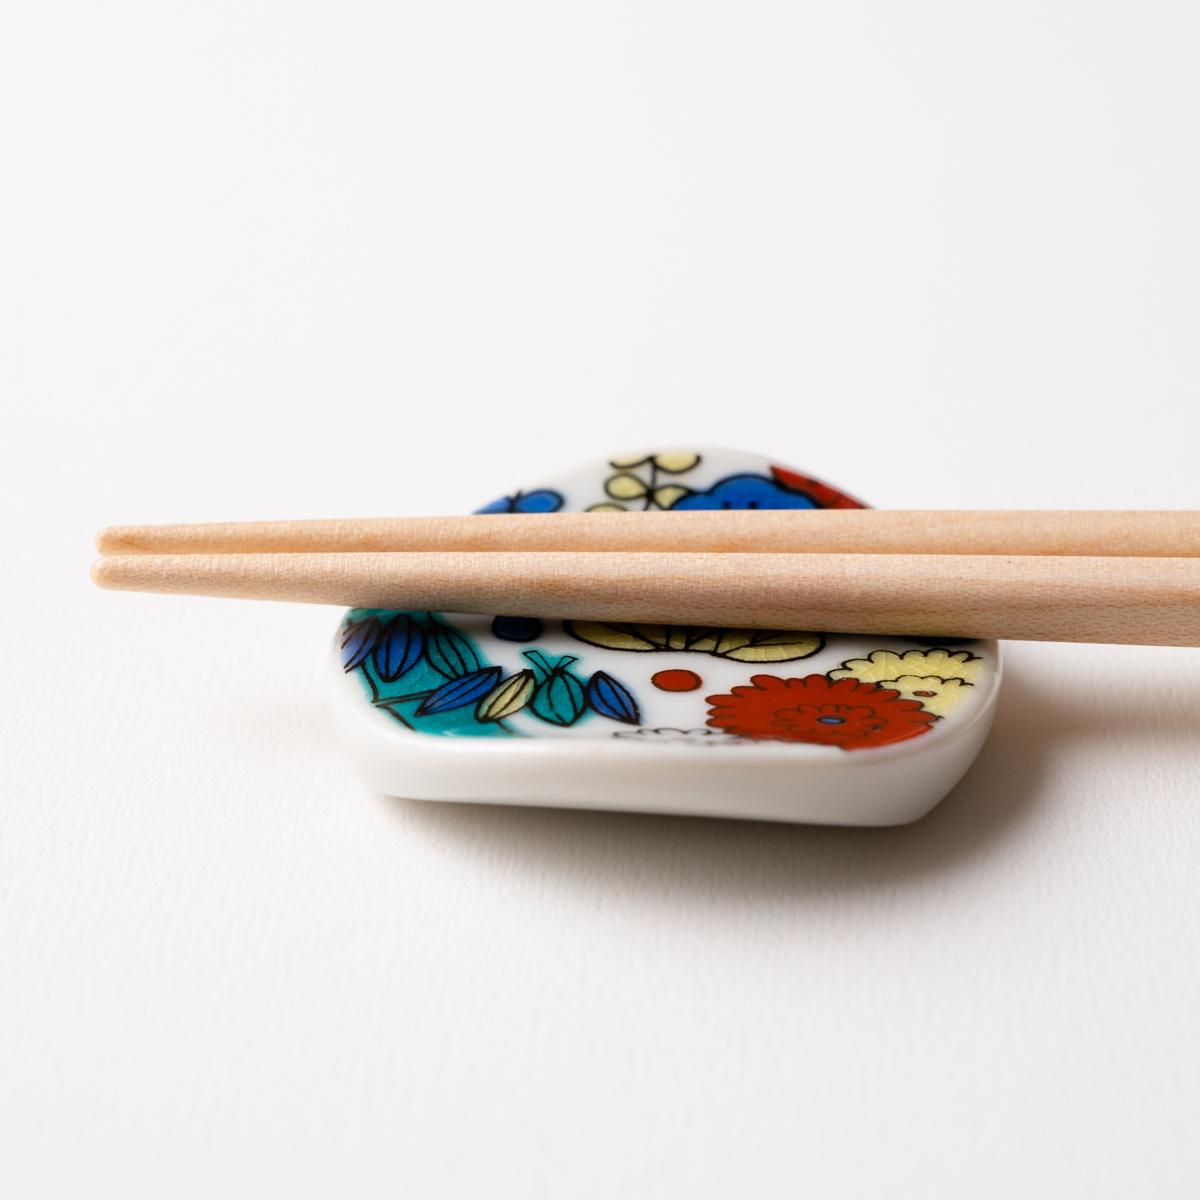 食洗機対応箸 KUTANI SEAL お花の箸 22.5cm